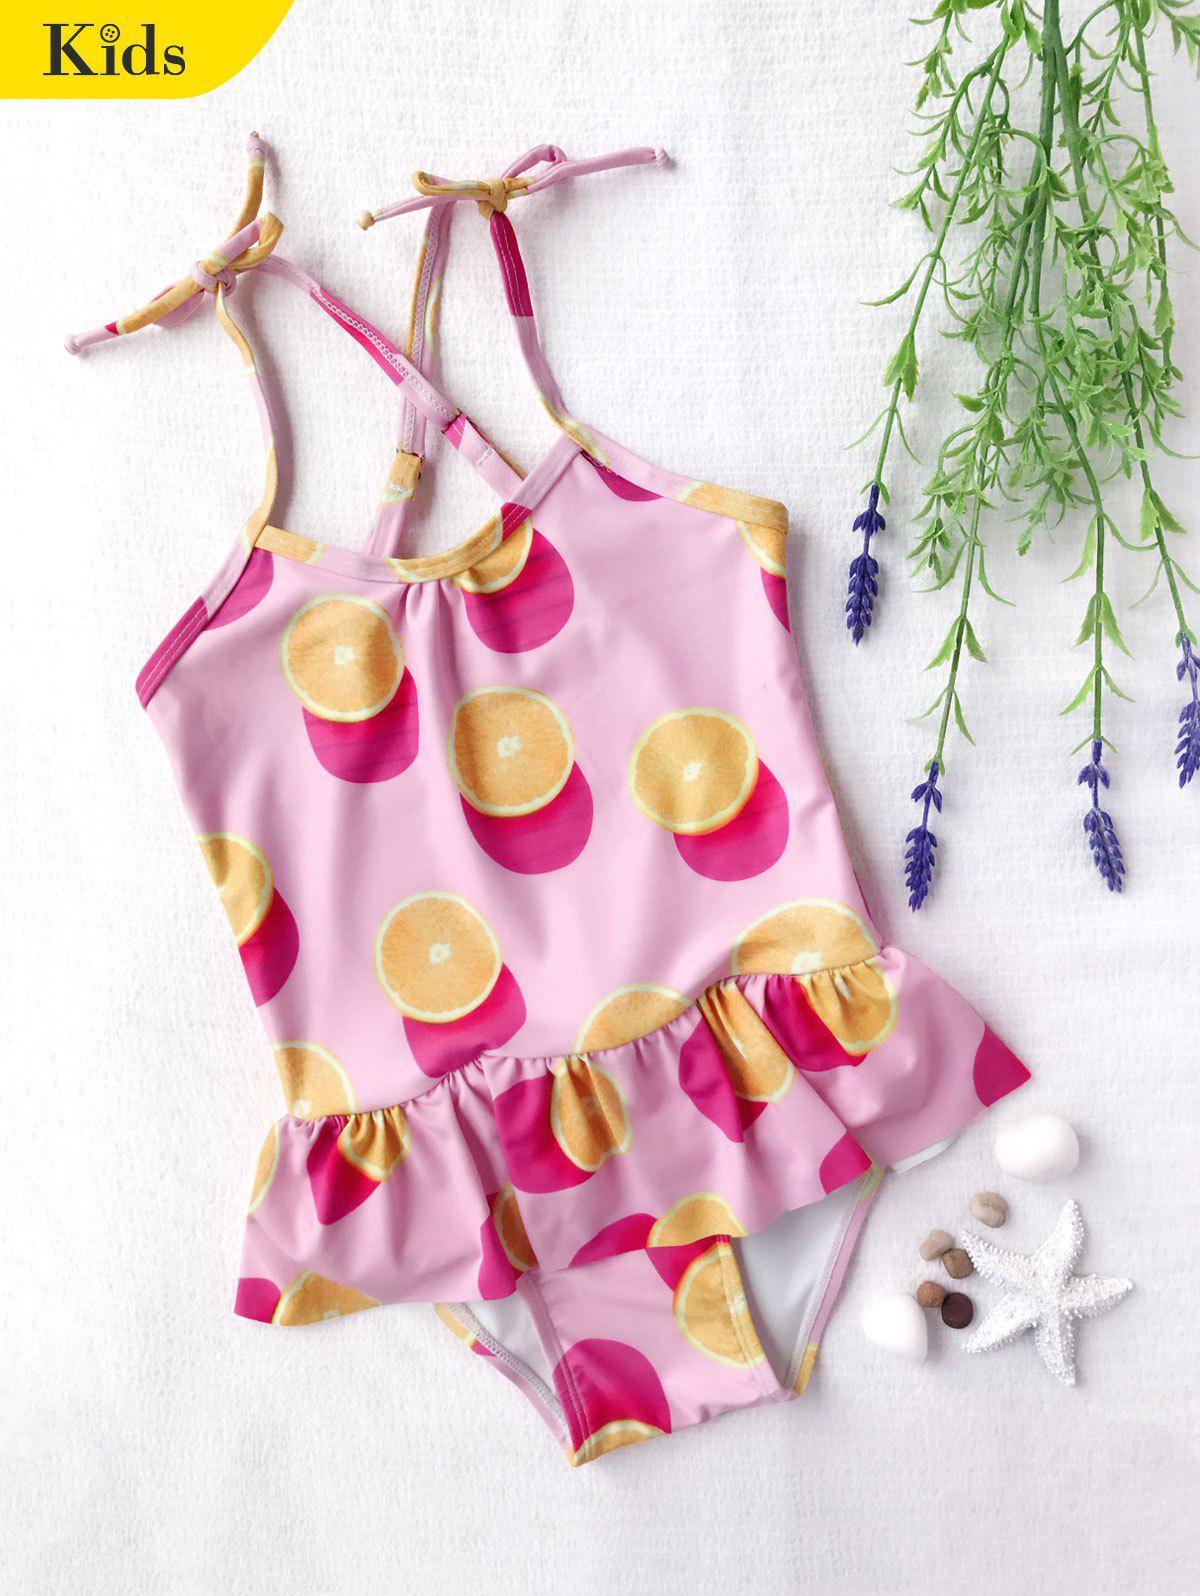 Bow Tie Orange Print Kids One Piece Swimsuit 220220002